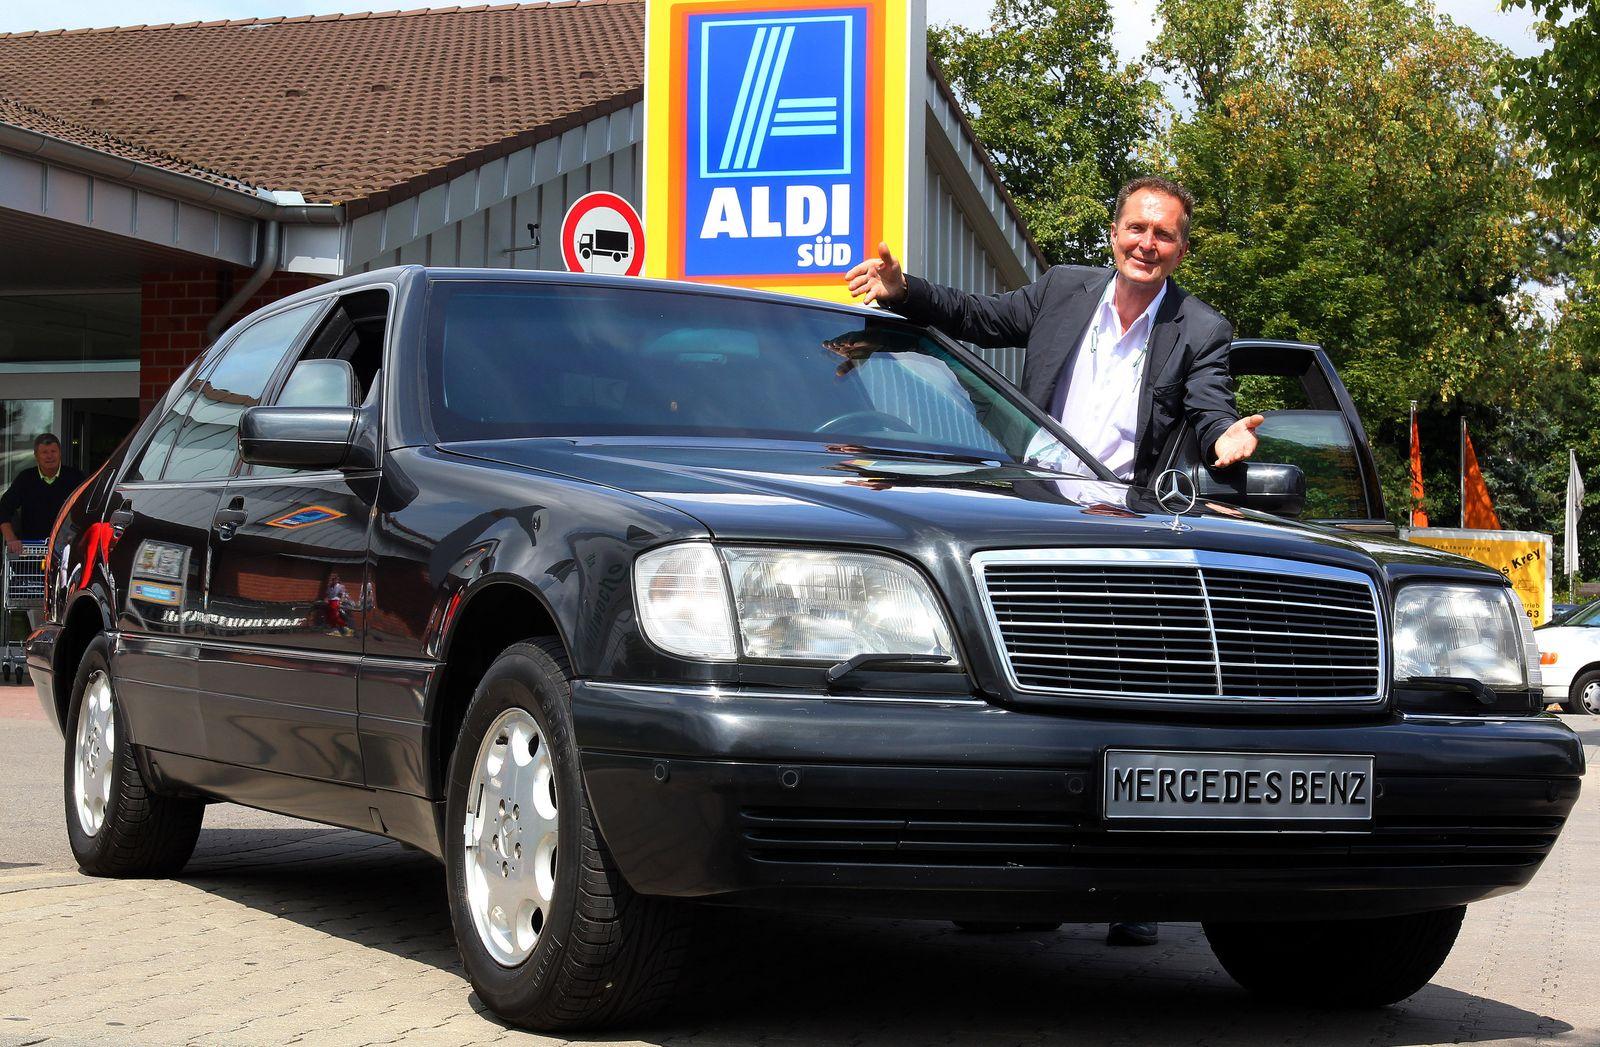 Theo Albrecht / Mercedes / Panzer-Limousine von Aldi-Milliardär verkäuft